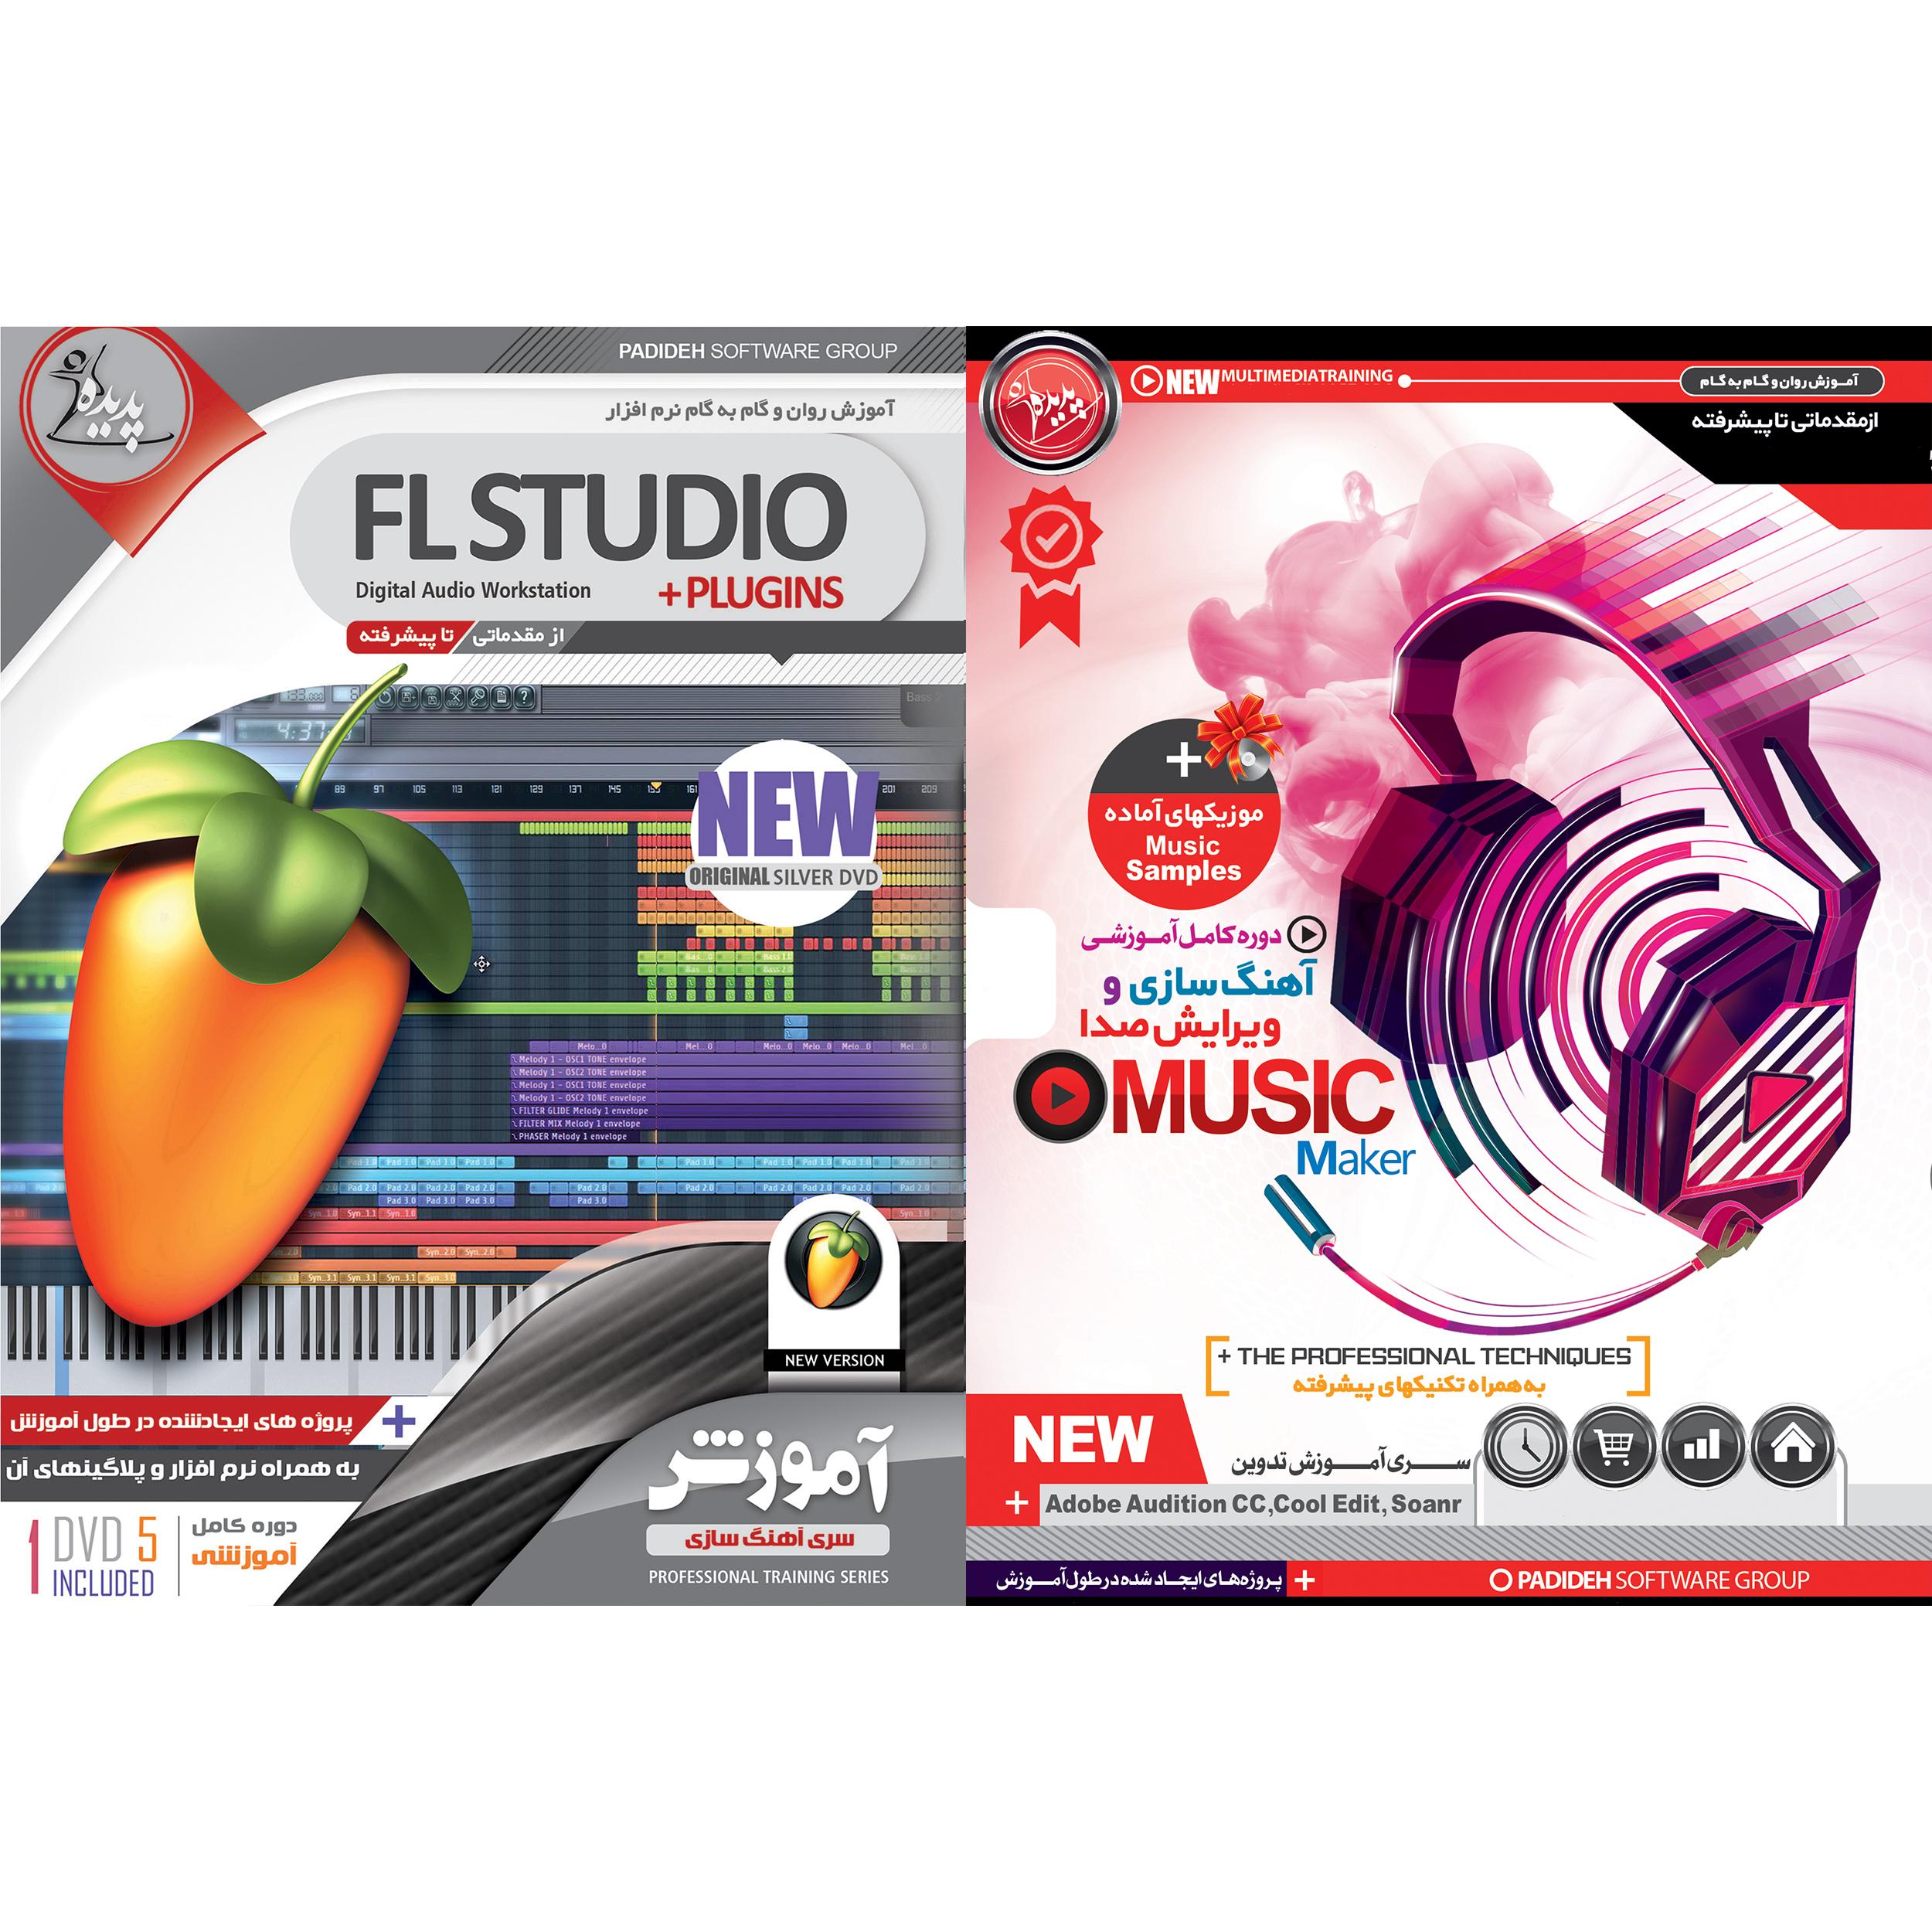 نرم افزار آموزش آهنگ سازی و ویرایش صدا نشر پدیده به همراه نرم افزار آموزش FL STUDIO نشر پدیده